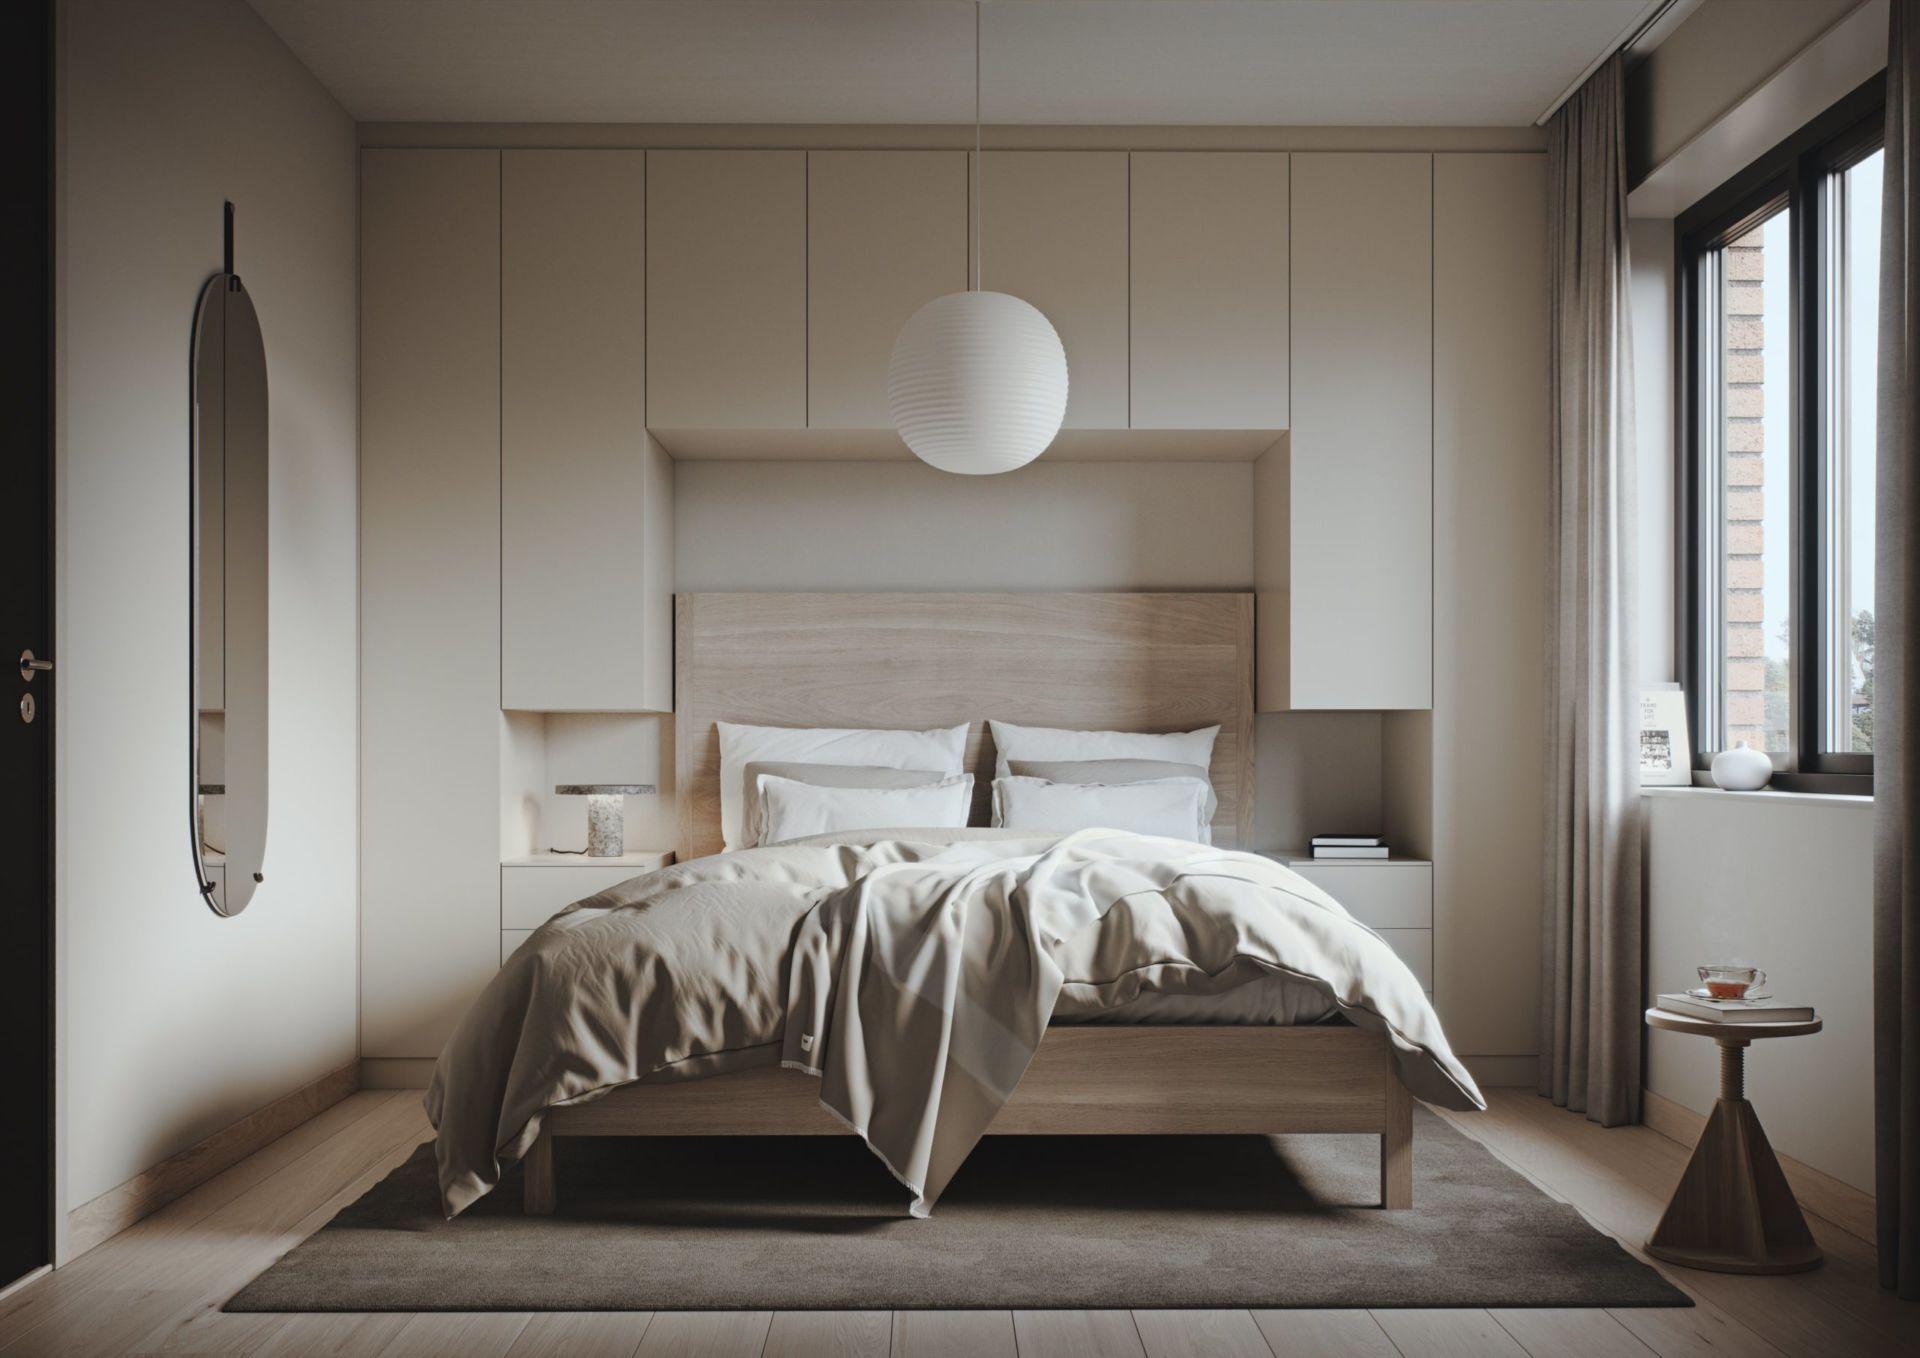 Arnljot_Gellines_vei_Bedroom_A1105